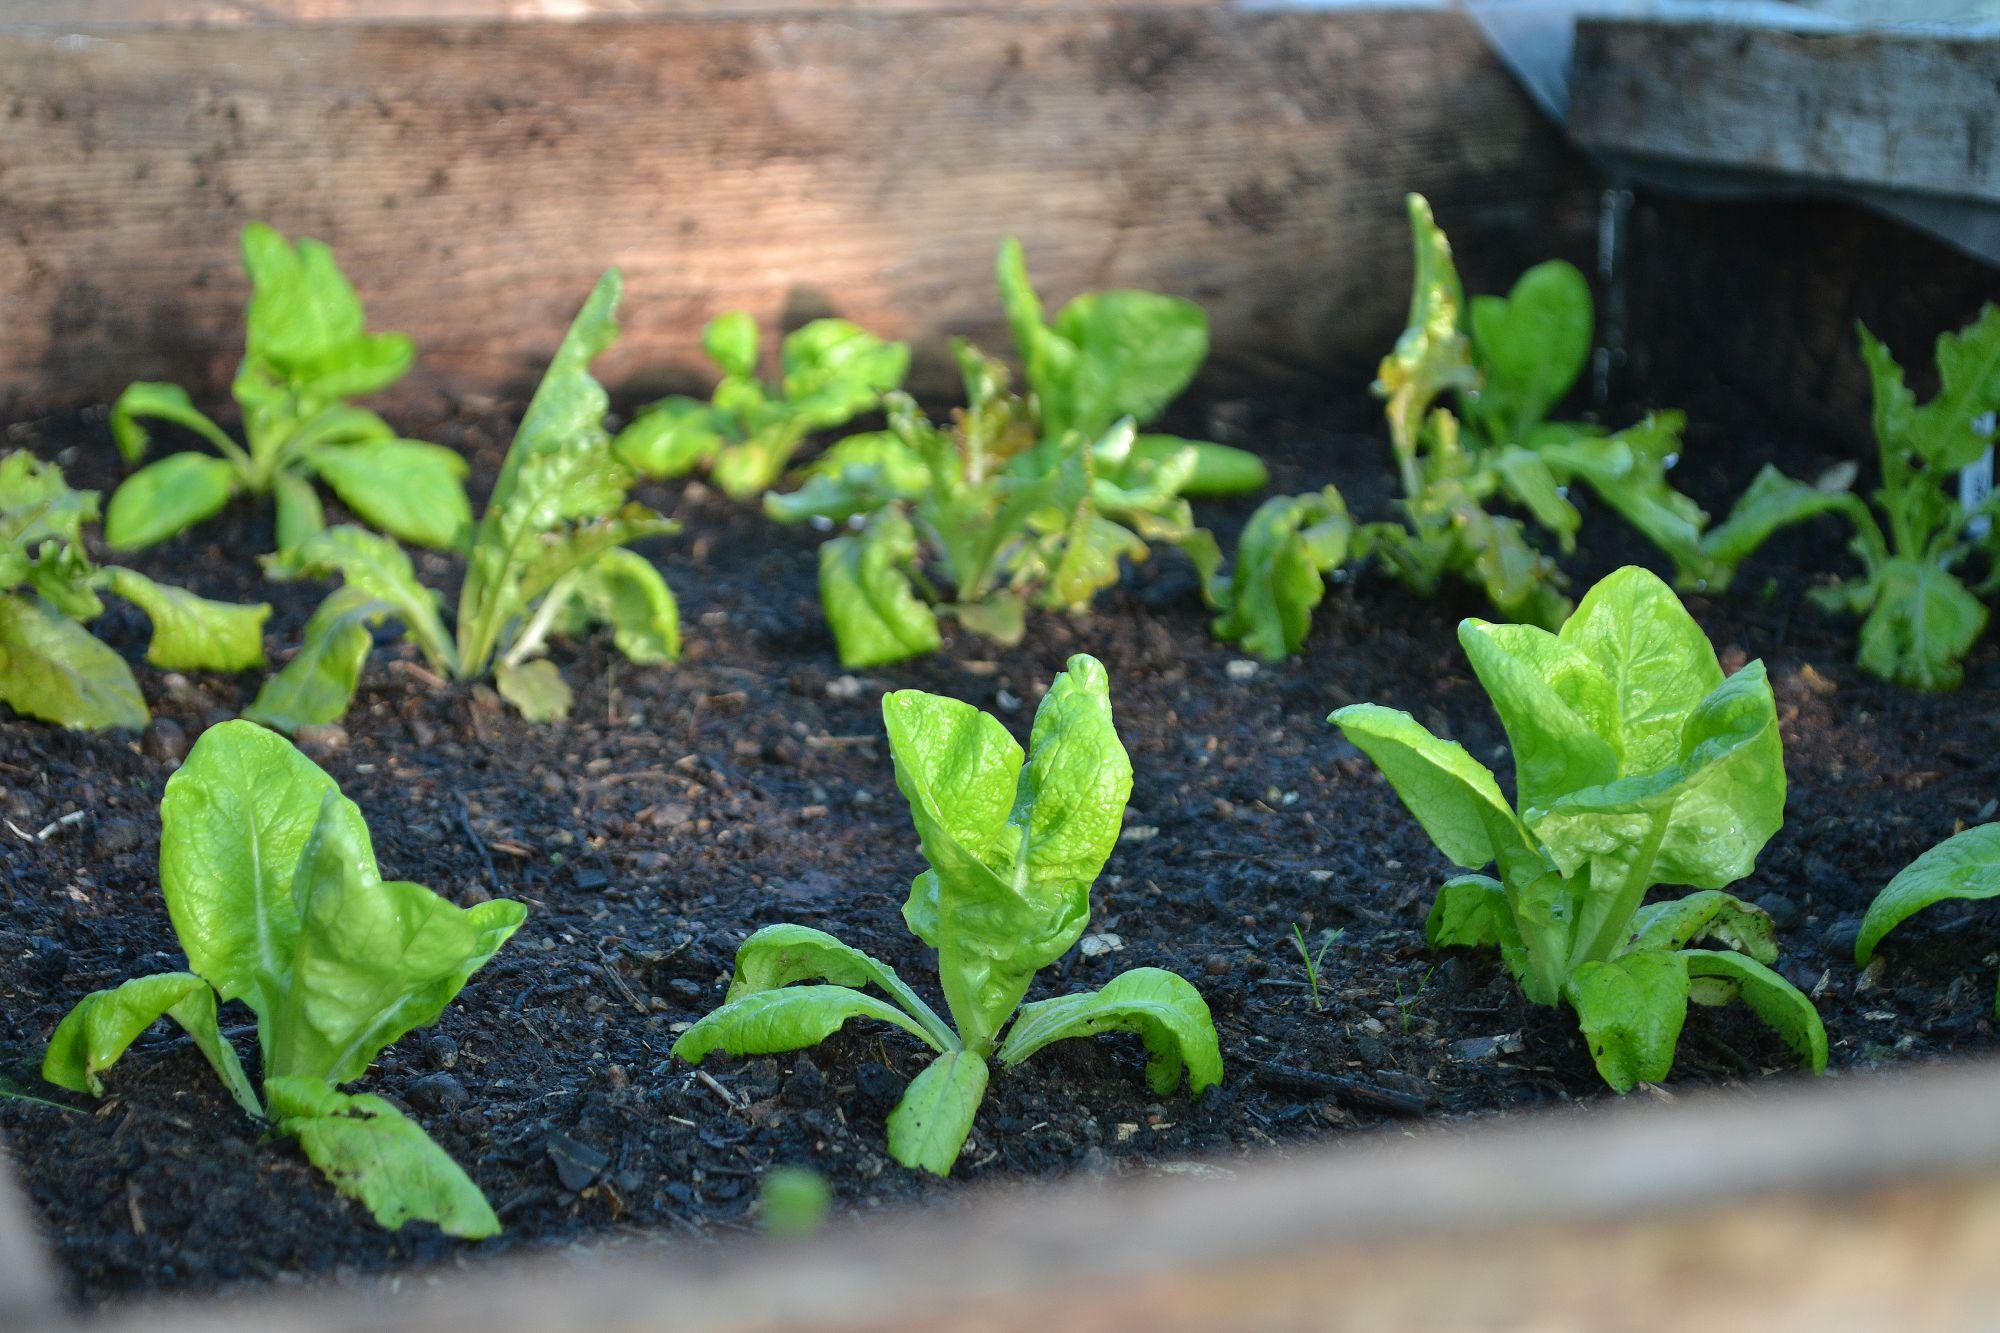 En varmbänk med sallatsplantor.